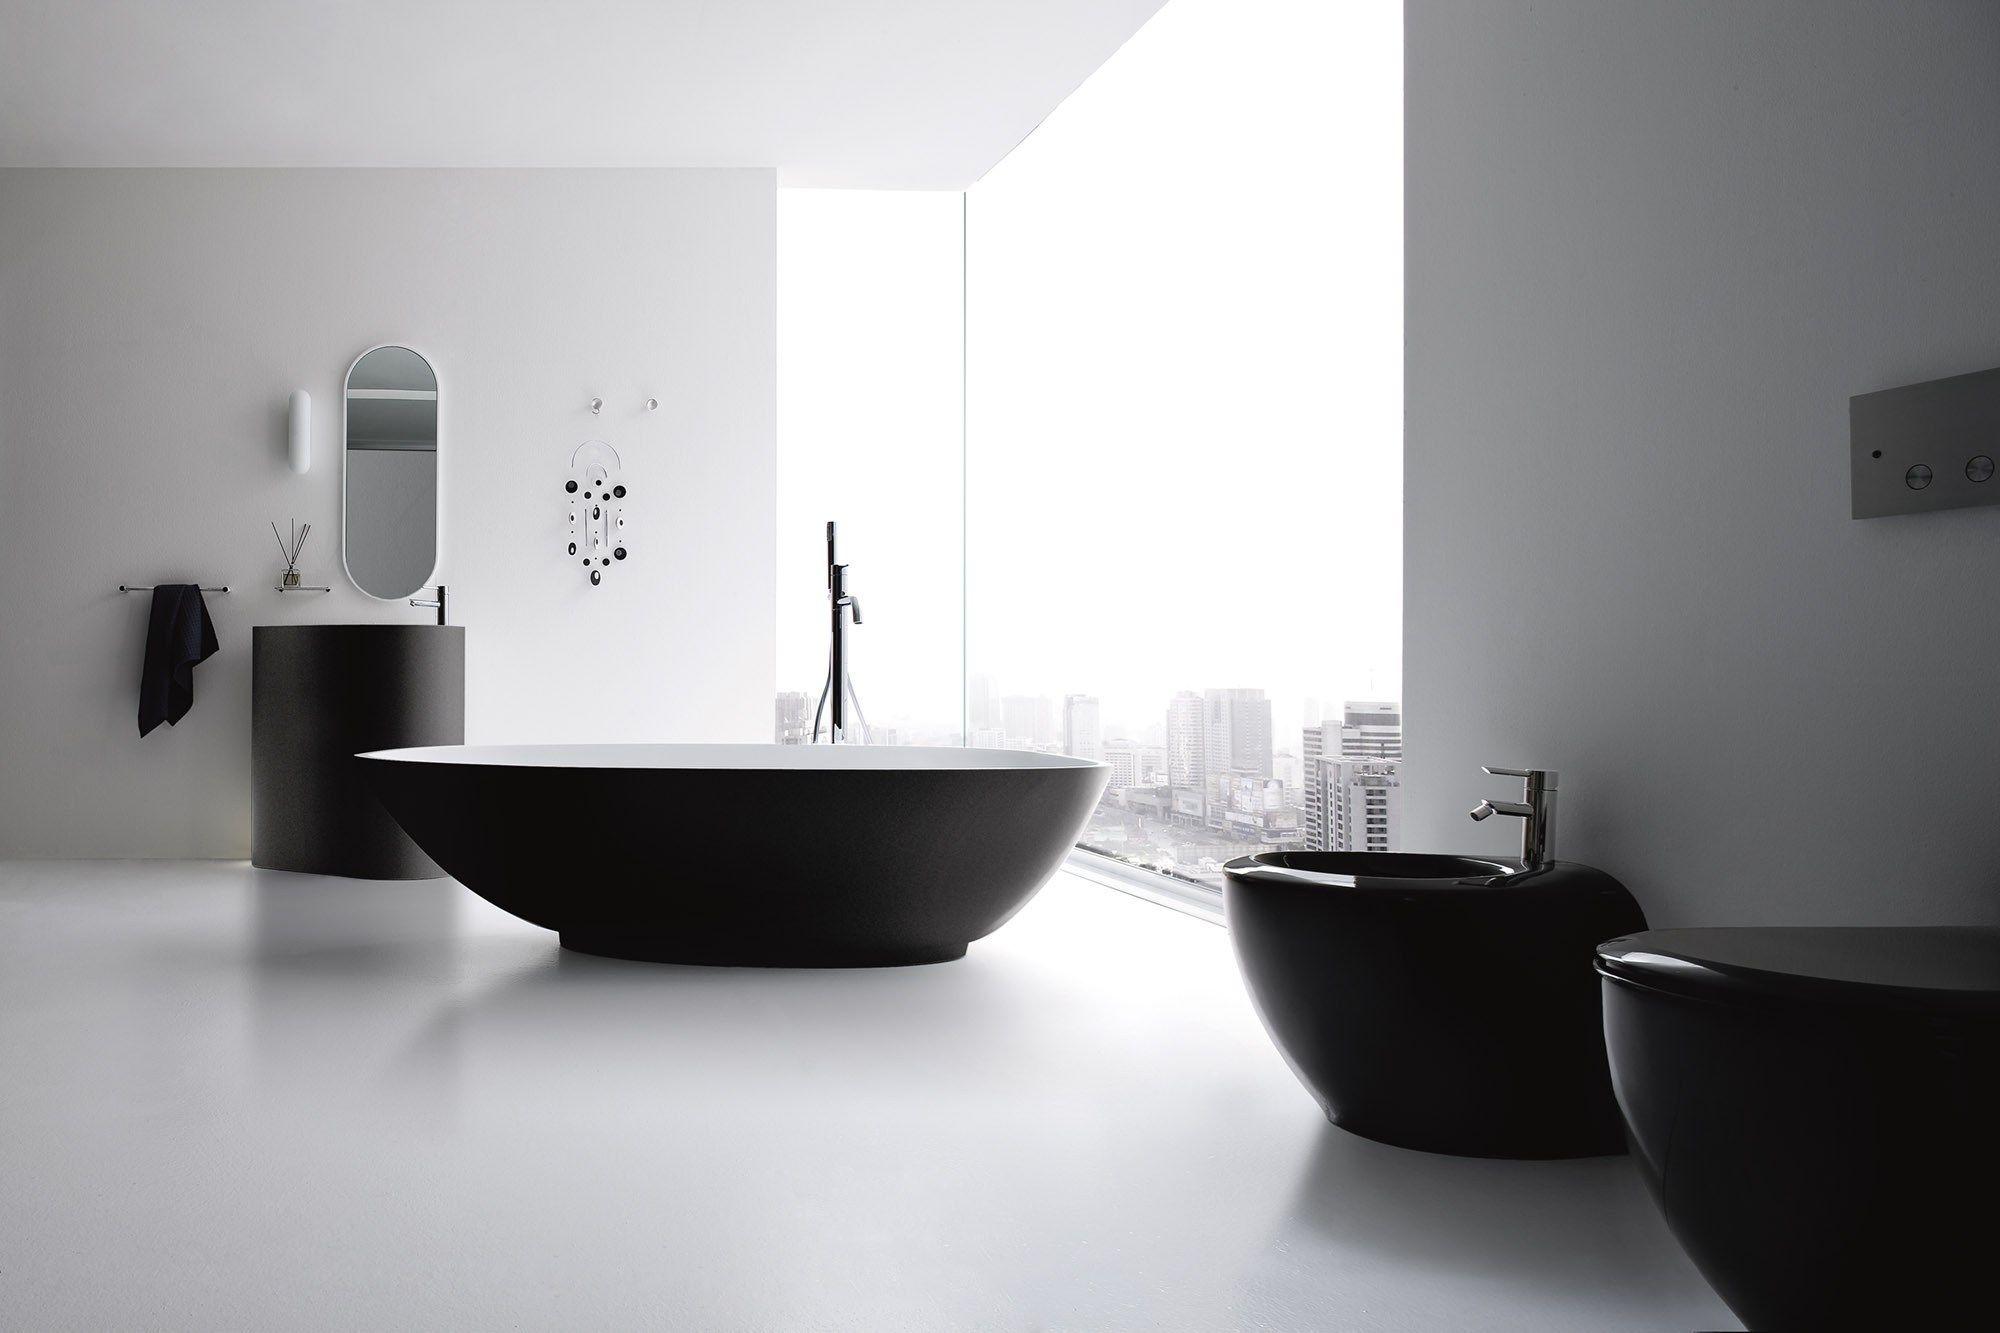 Boma vasca da bagno centro stanza by rexa design - Vasche da bagno centro stanza ...